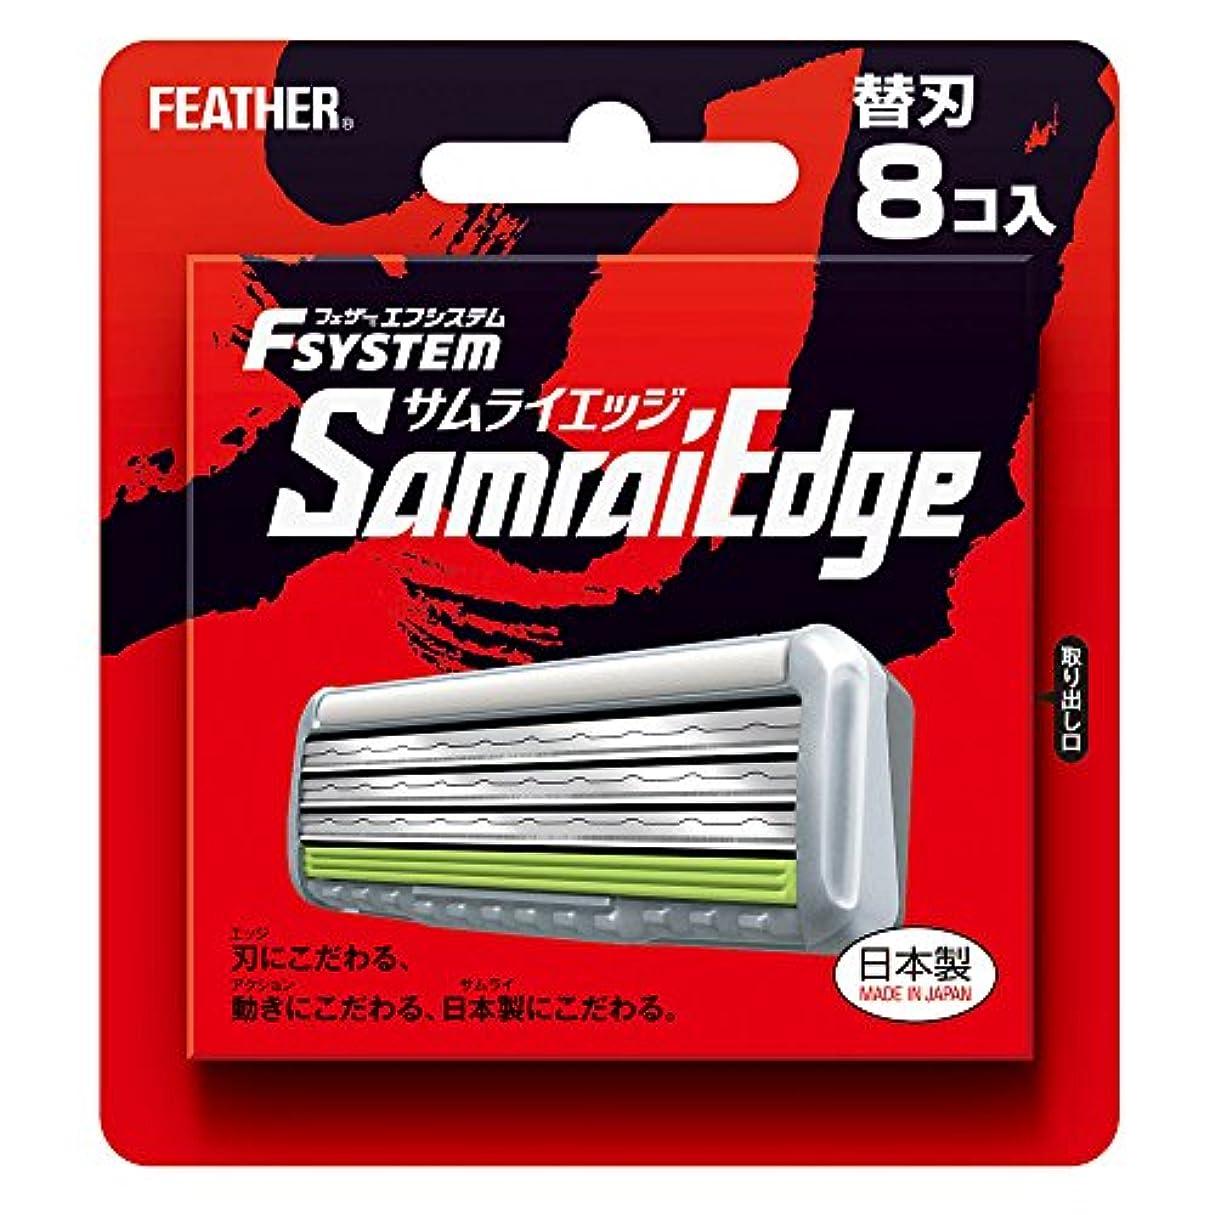 置くためにパック楽な柔和フェザー エフシステム 替刃 サムライエッジ 8コ入 (日本製)